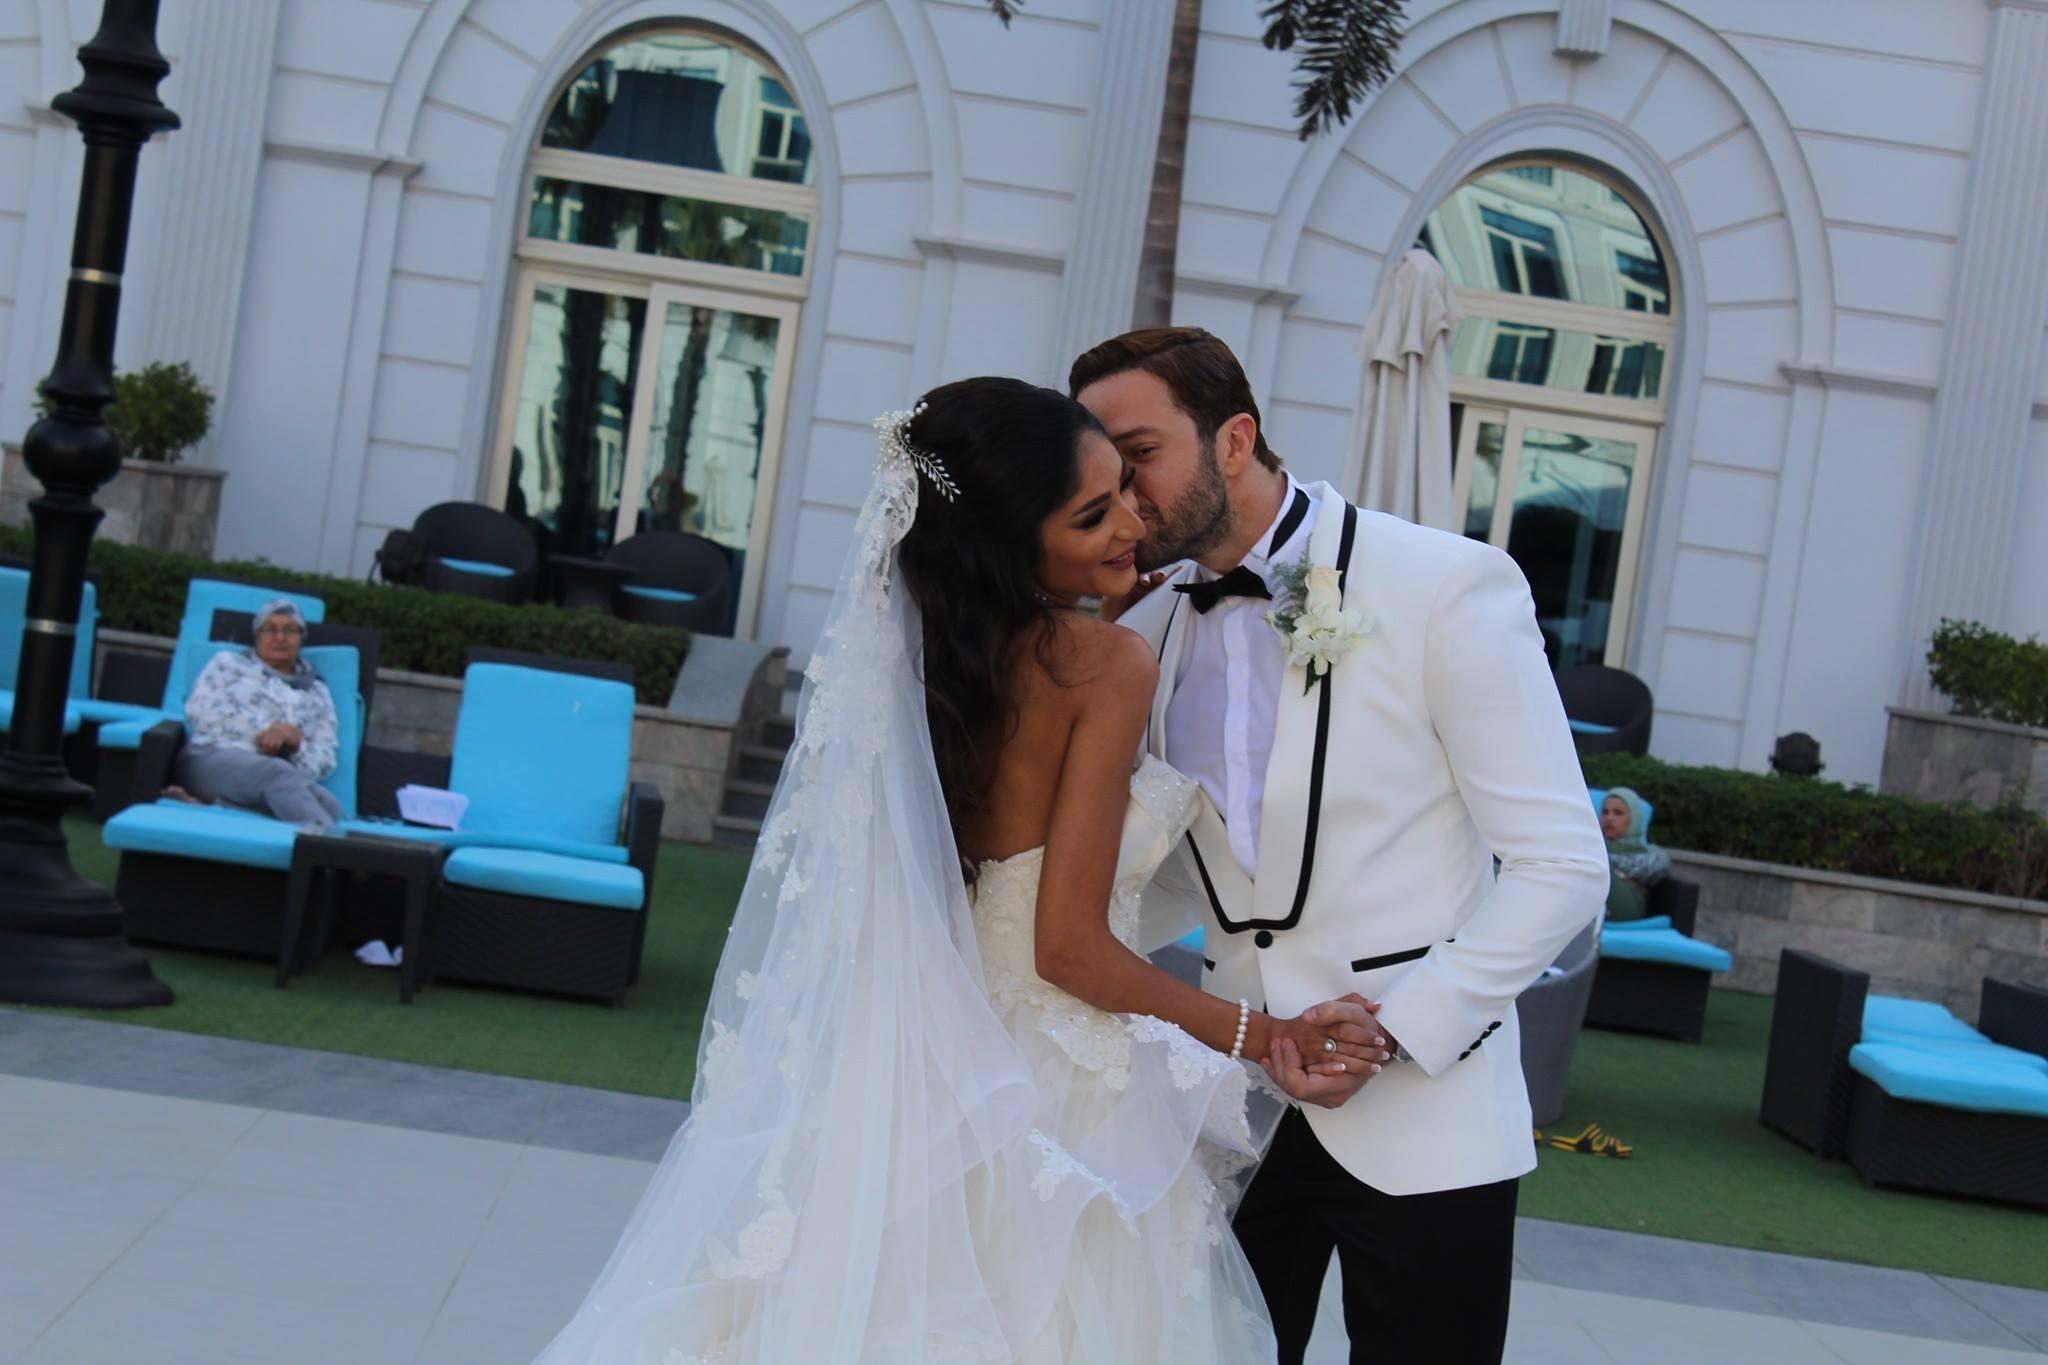 صور زواج ممثل غير محبوب 1 صور زفاف المشاهير والفنانين